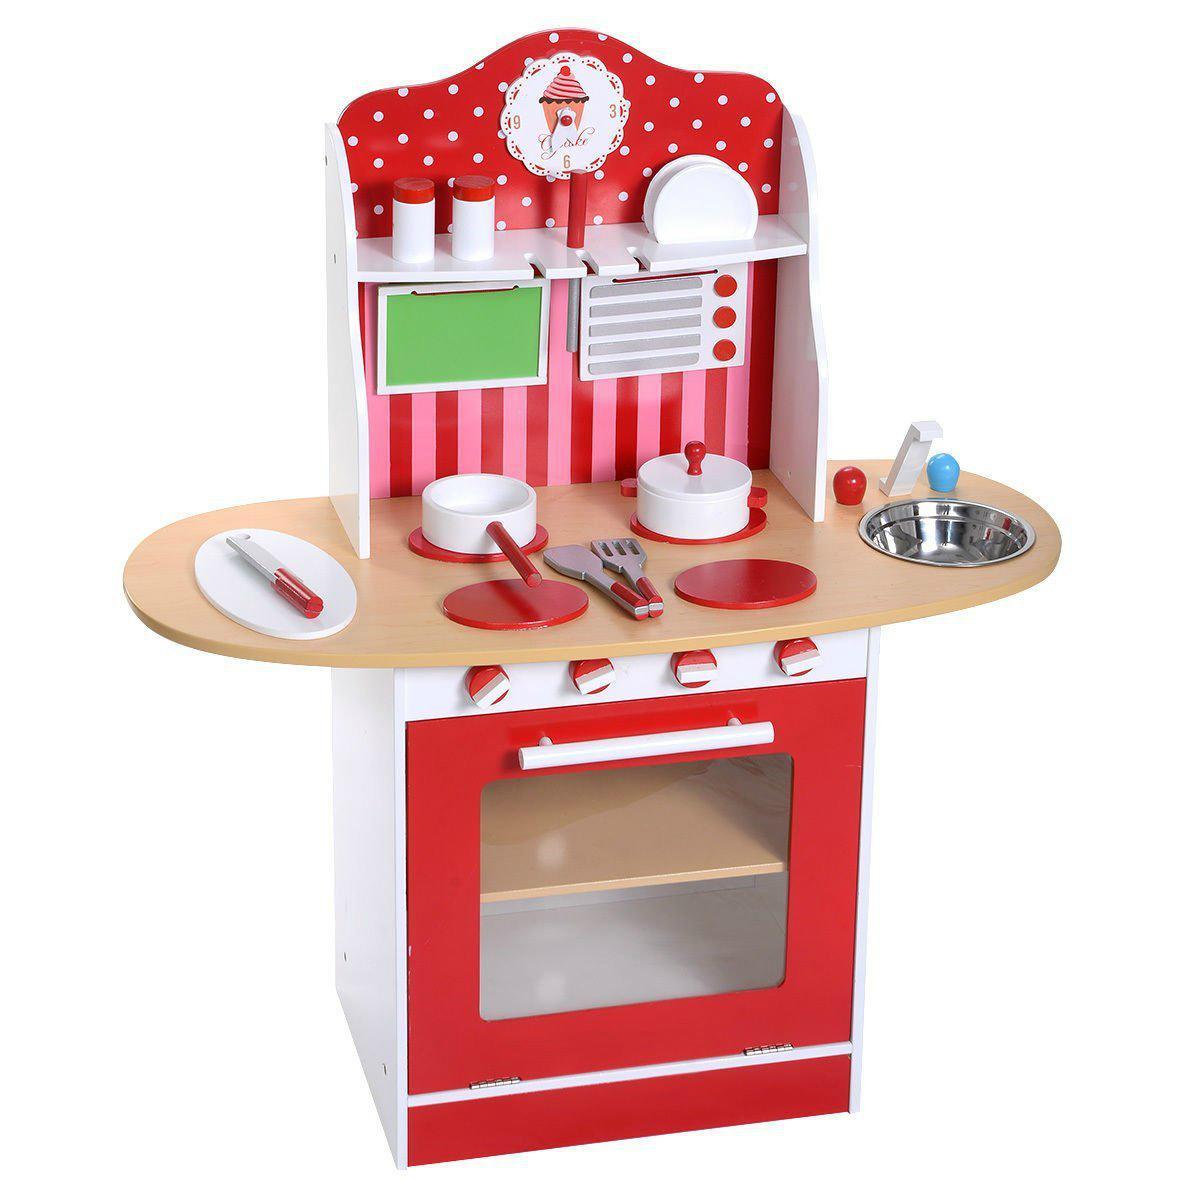 Hot sale wooden furniture  kitchen